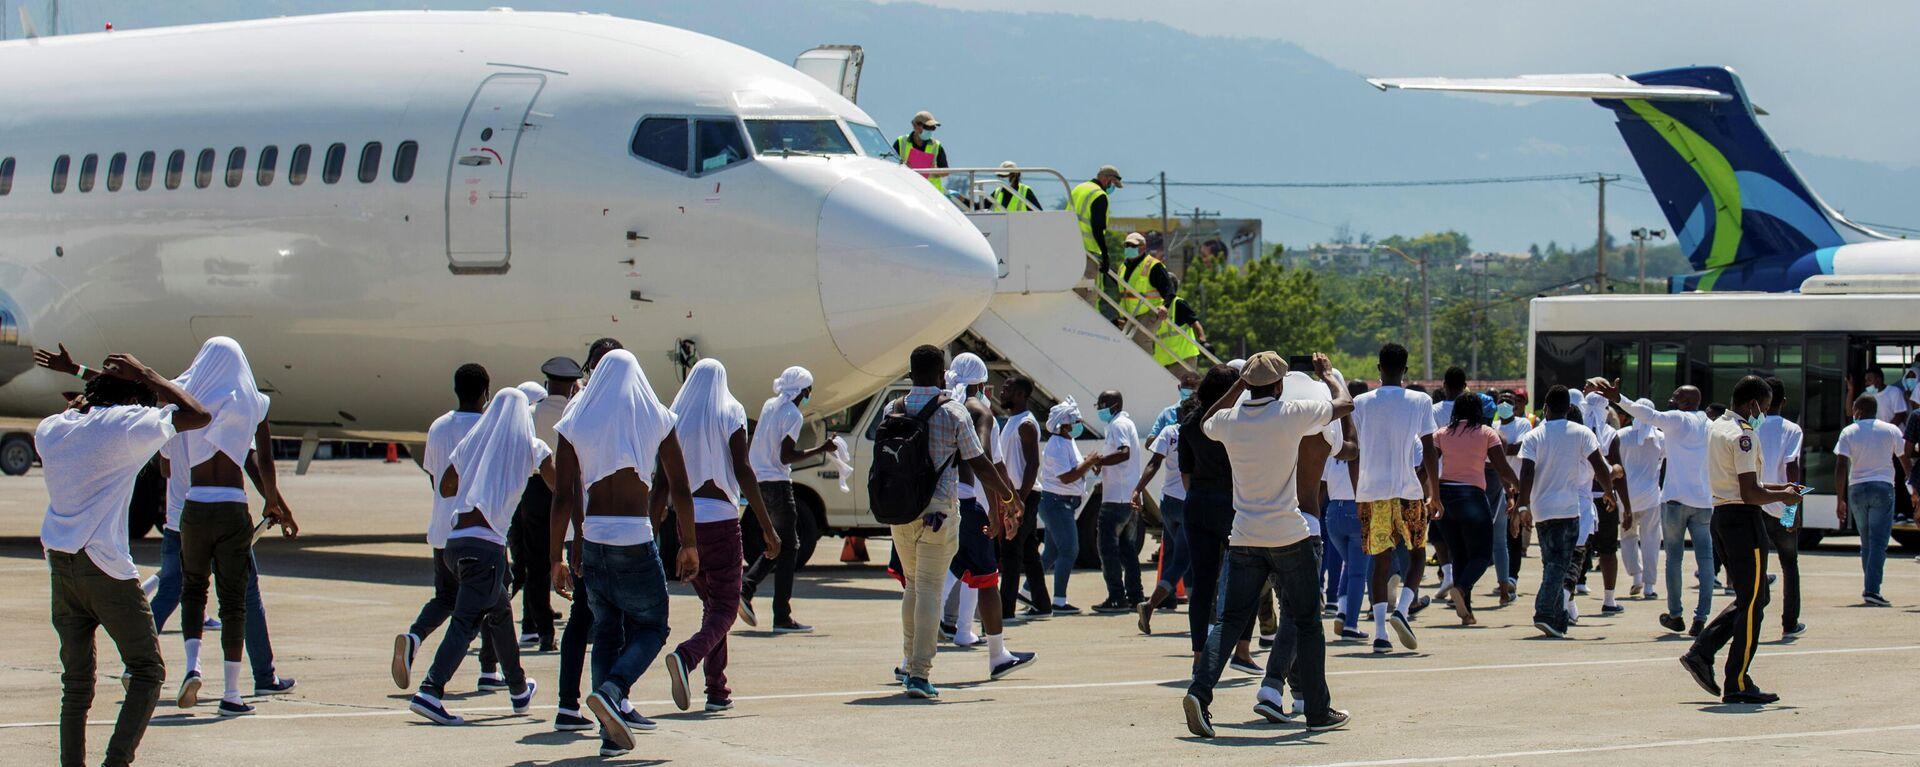 Sınır dışı edilen Haitililer, Texas uçağına yeniden binmeye çalıştı - Sputnik Türkiye, 1920, 23.09.2021